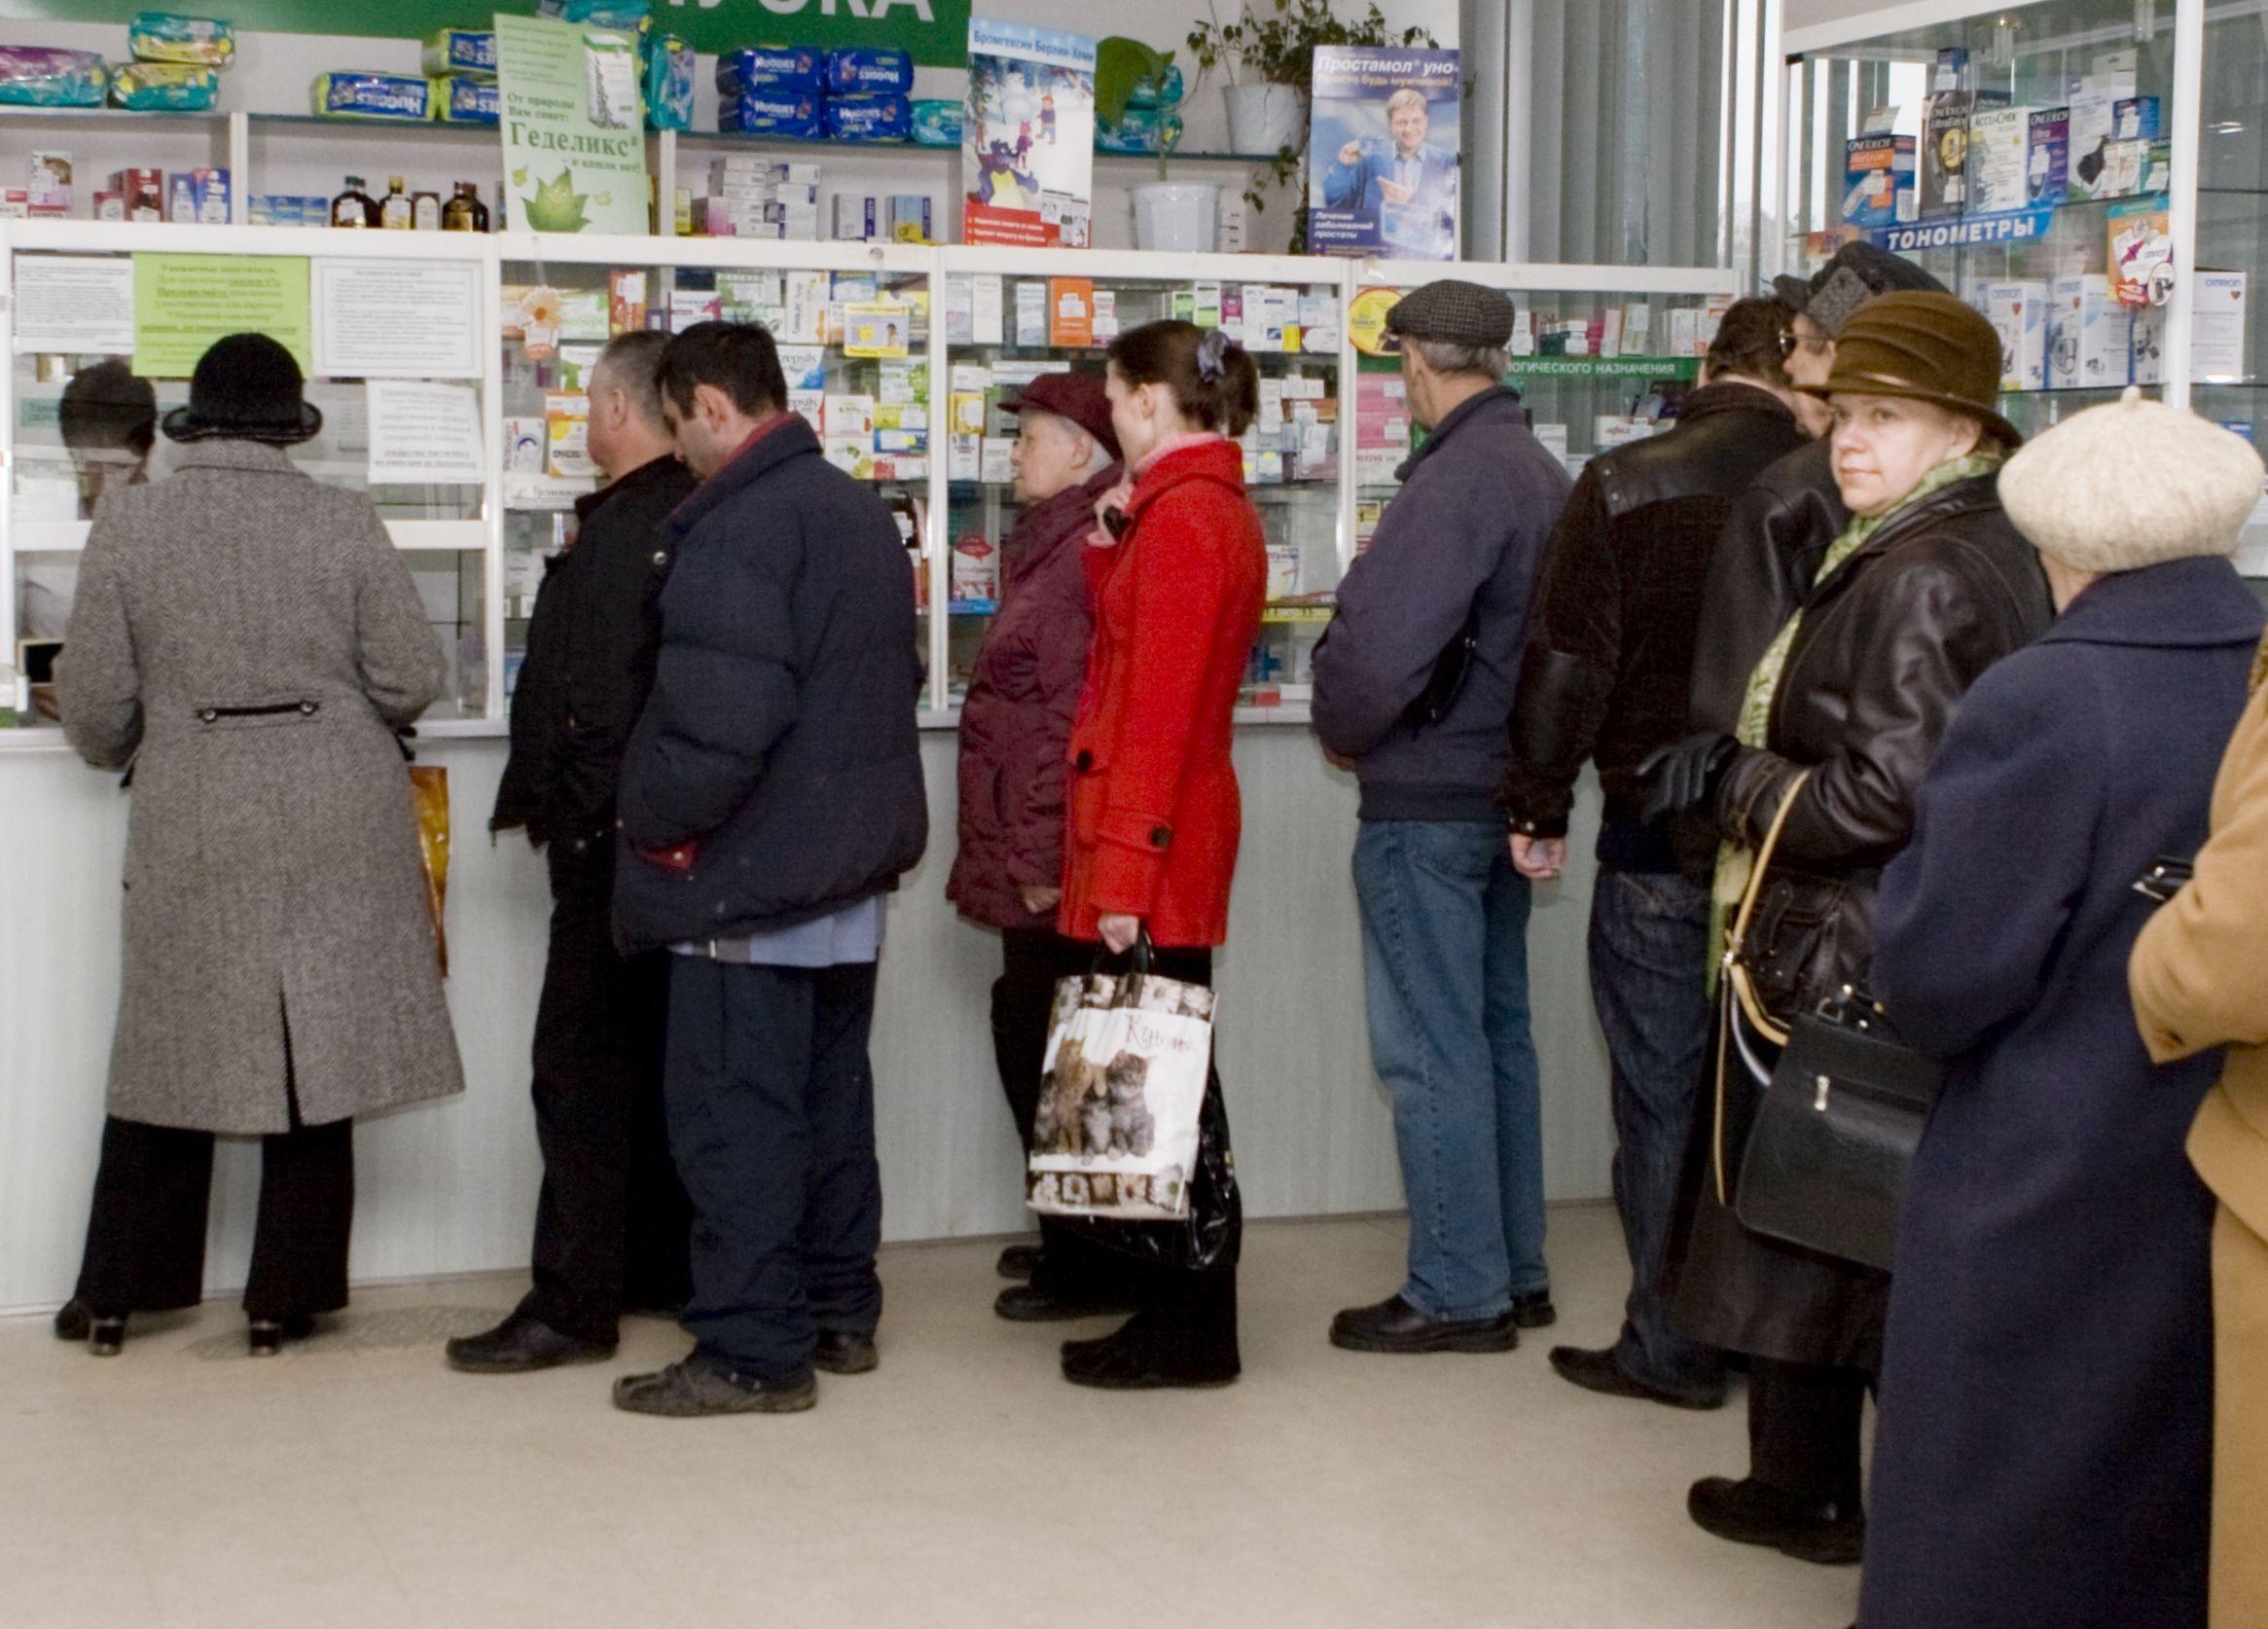 Австралийский суд оштрафовал производителей Нурофена за обман покупателей